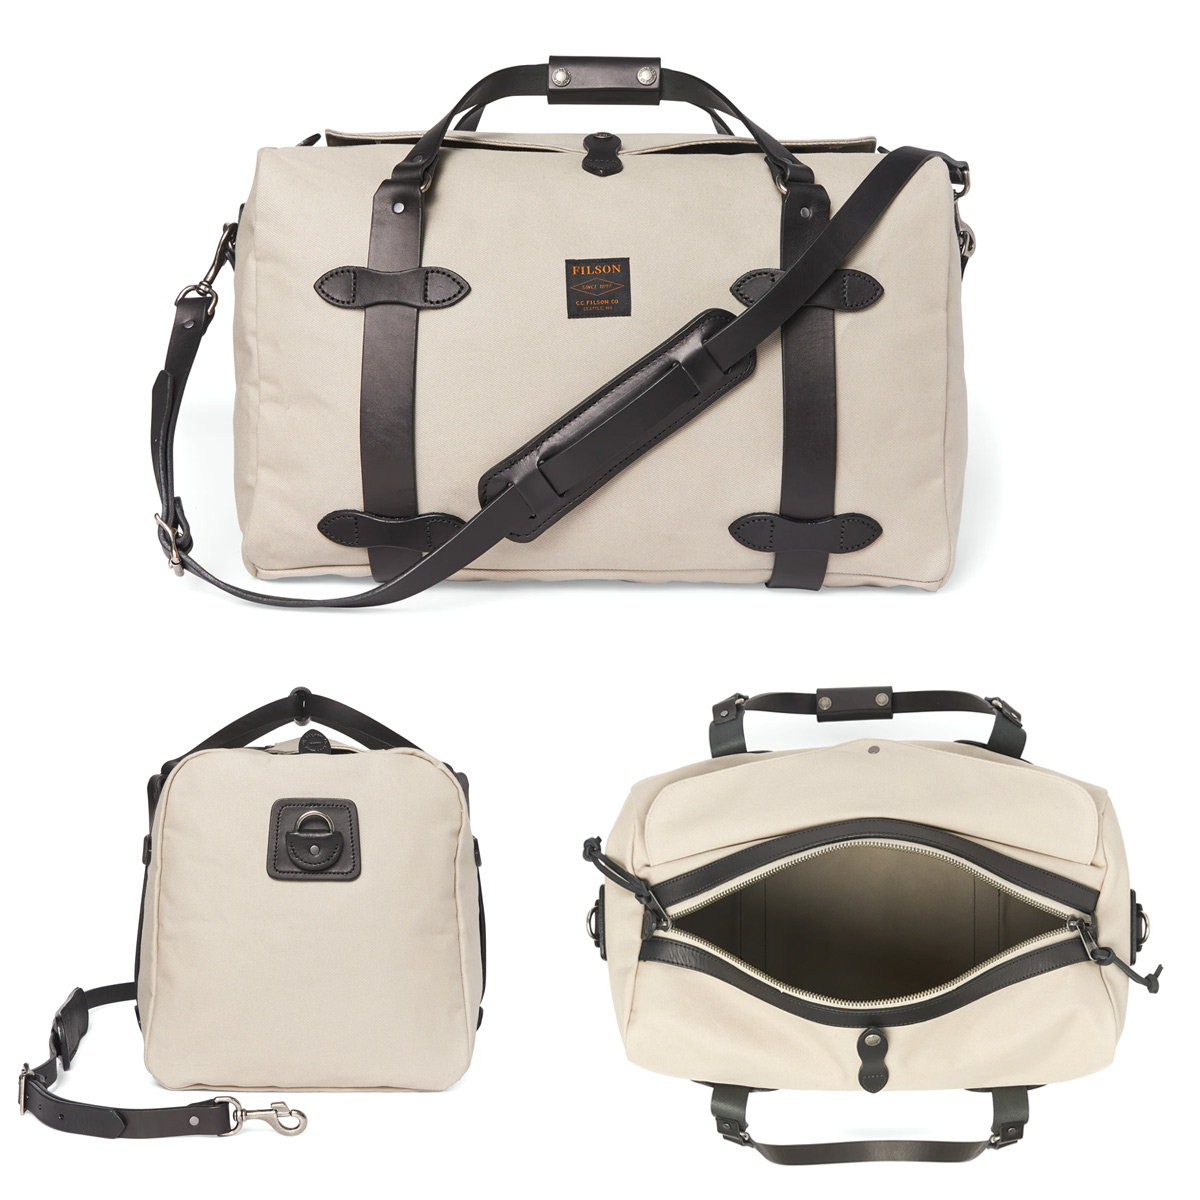 Filson Duffle Bag Medium Twine, perfekt für einen Wochenendausflug oder eine kleine Geschäftsreise